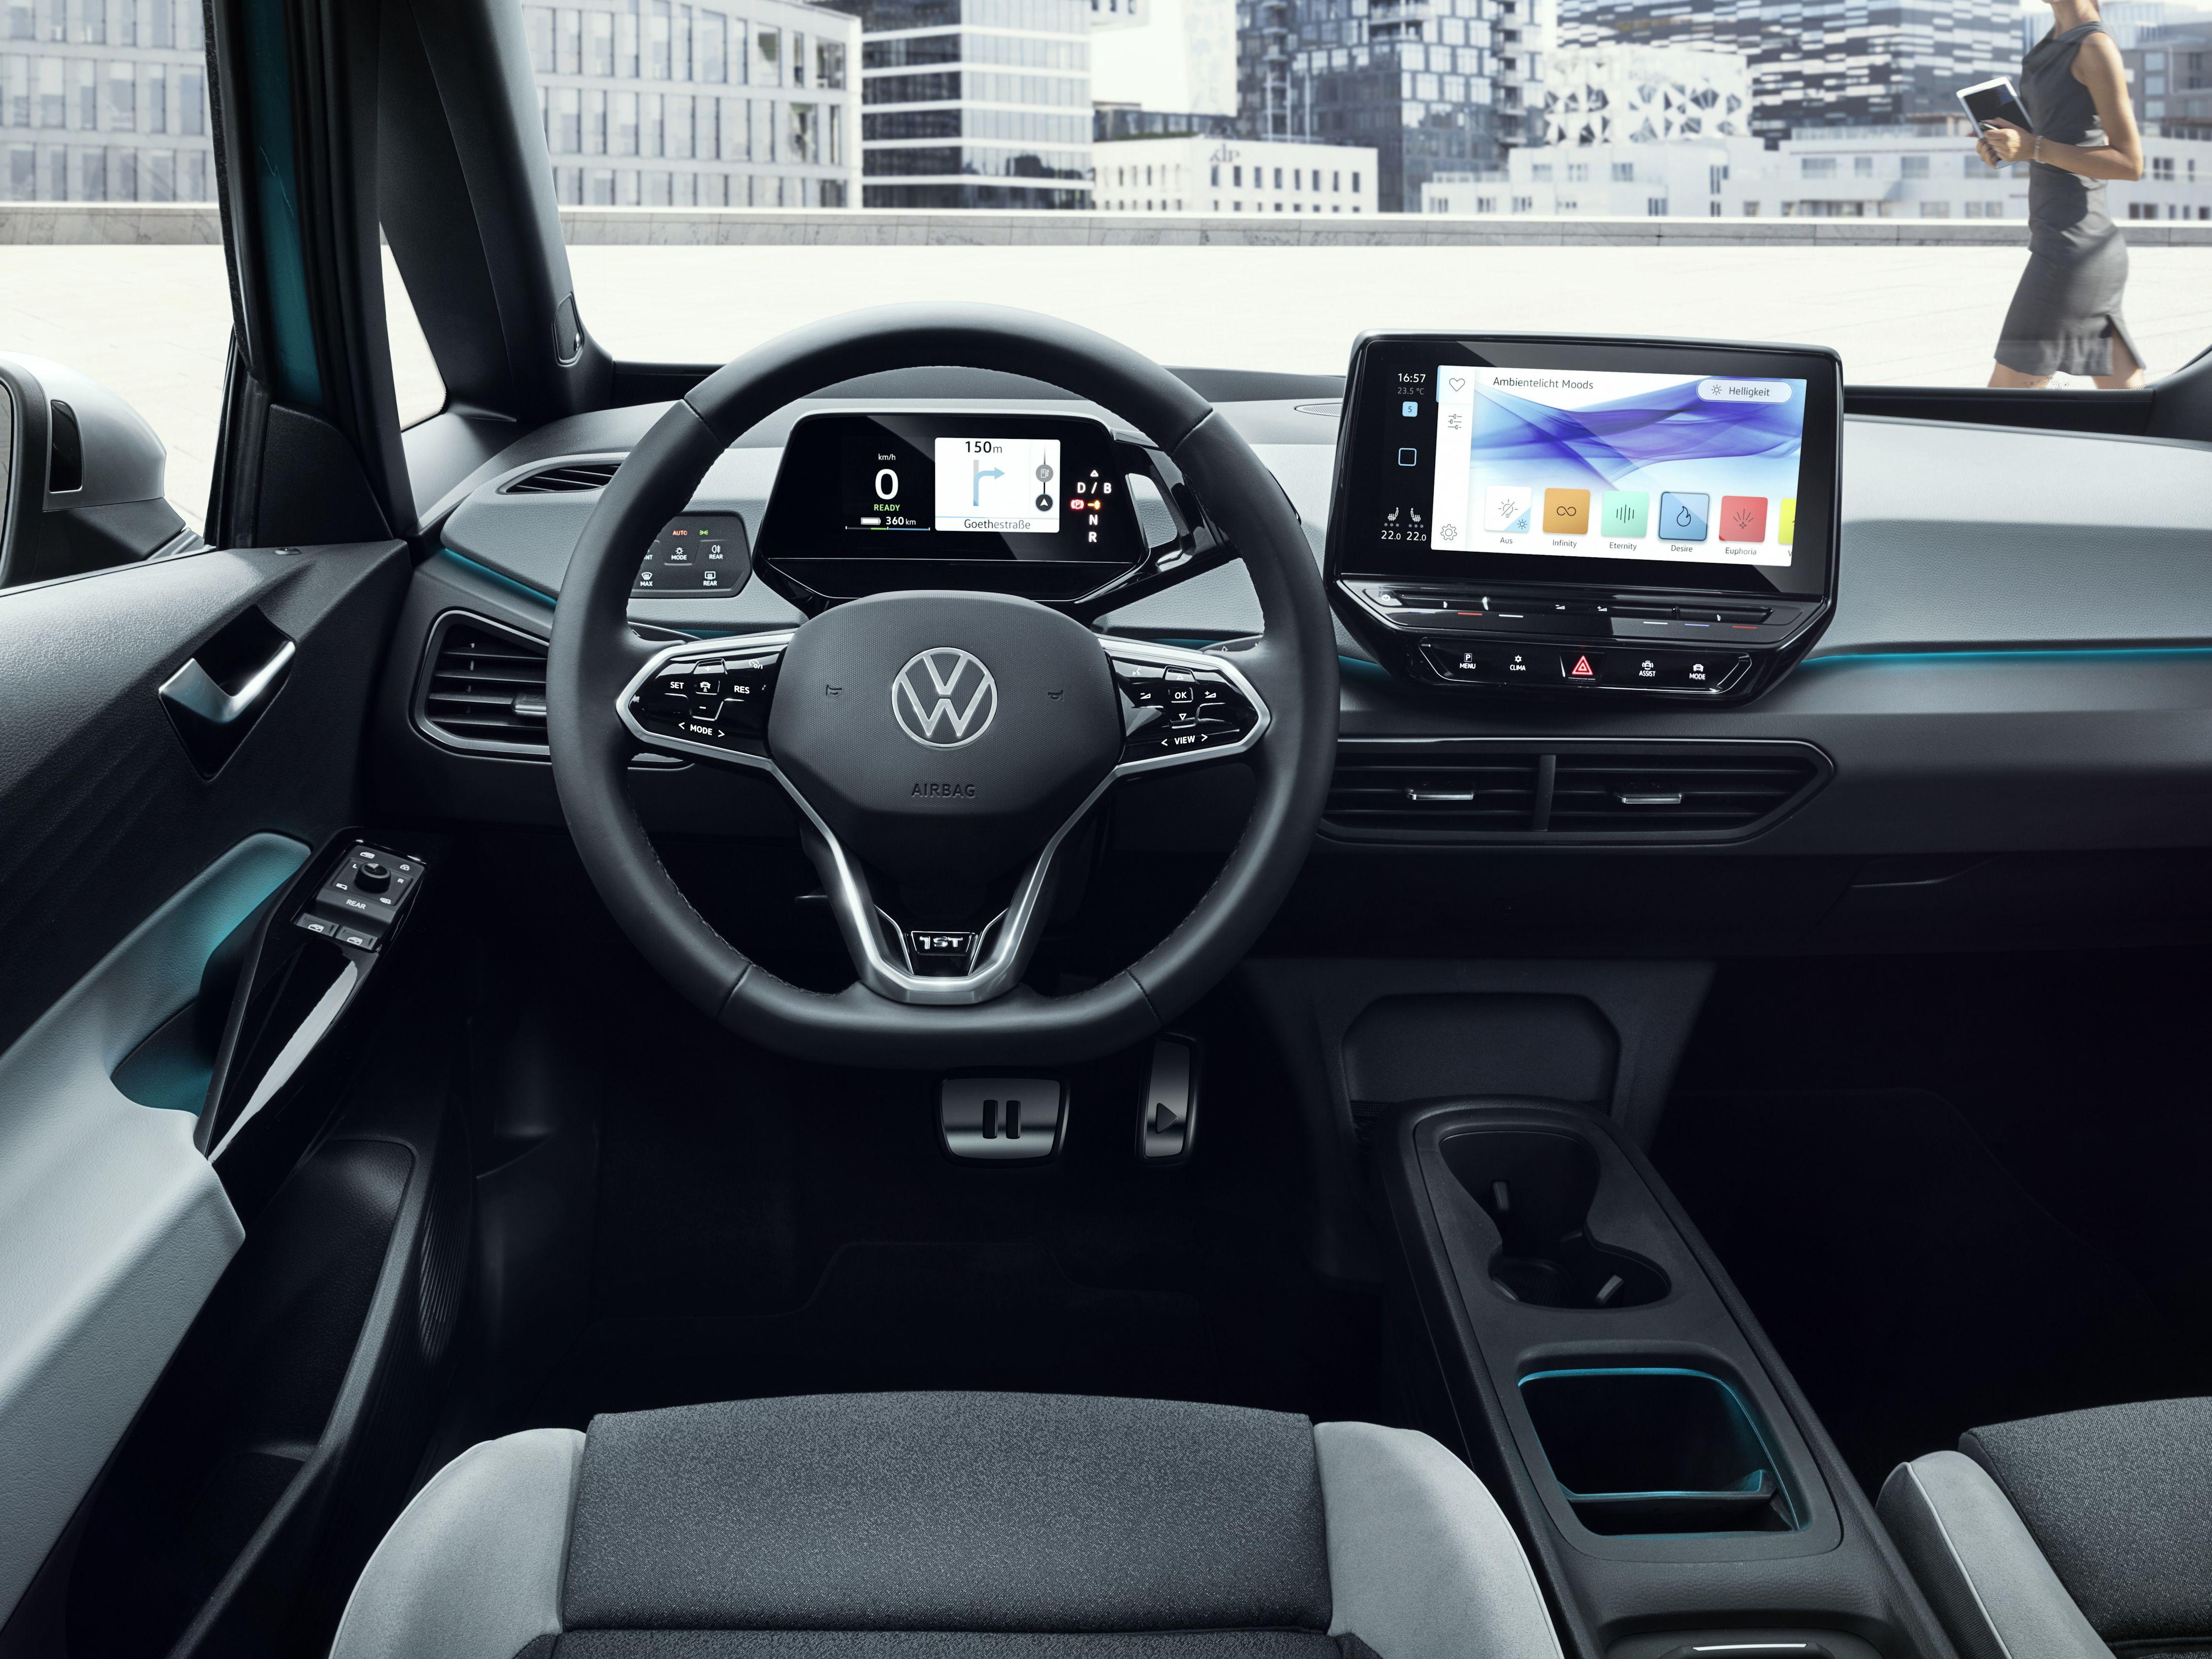 VW I.D.3 Innenraum